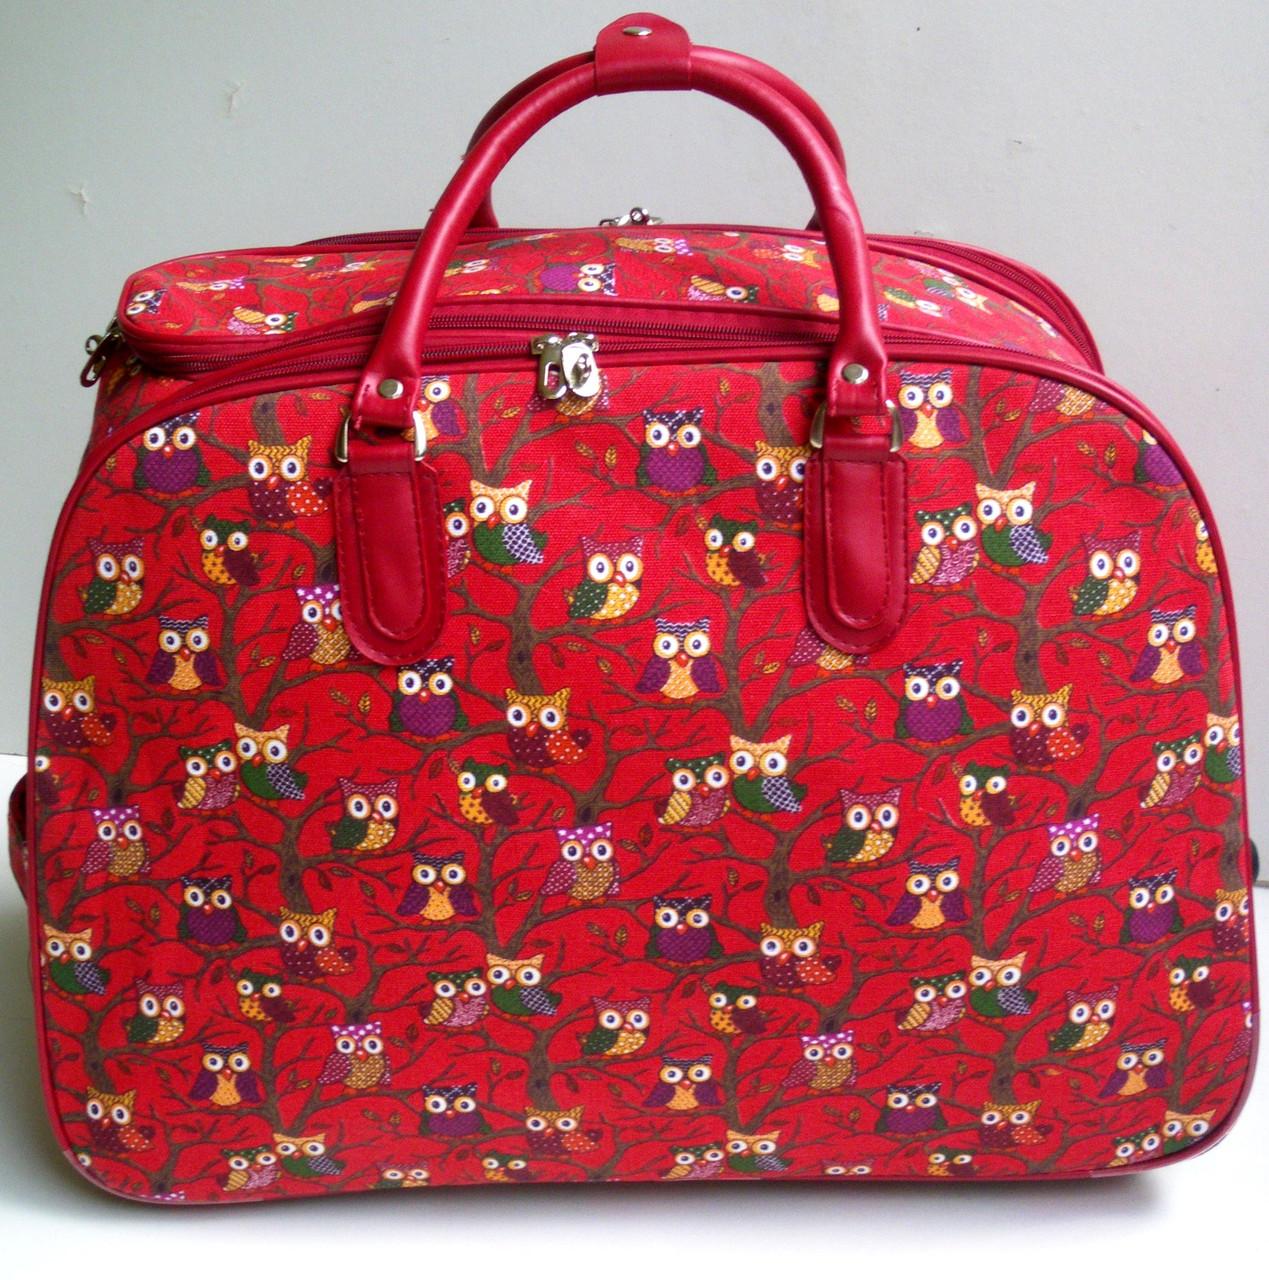 9de4de43728f Дорожная сумка на колесах, среднего размера, тканевая - красная сова ...